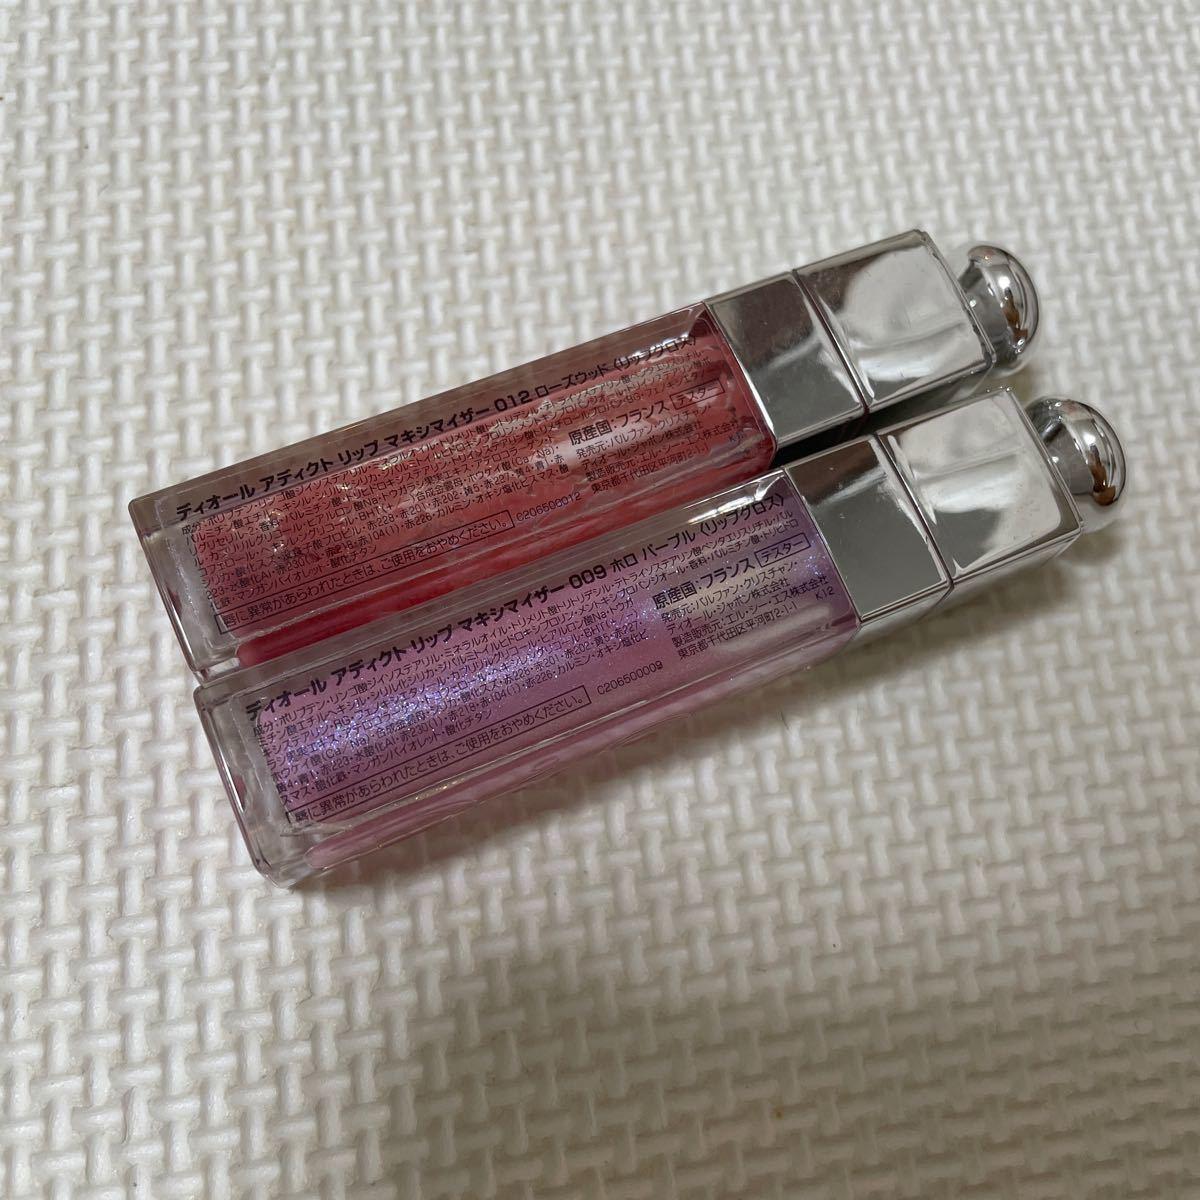 Dior ディオール アディクト リップ マキシマイザー 009&012